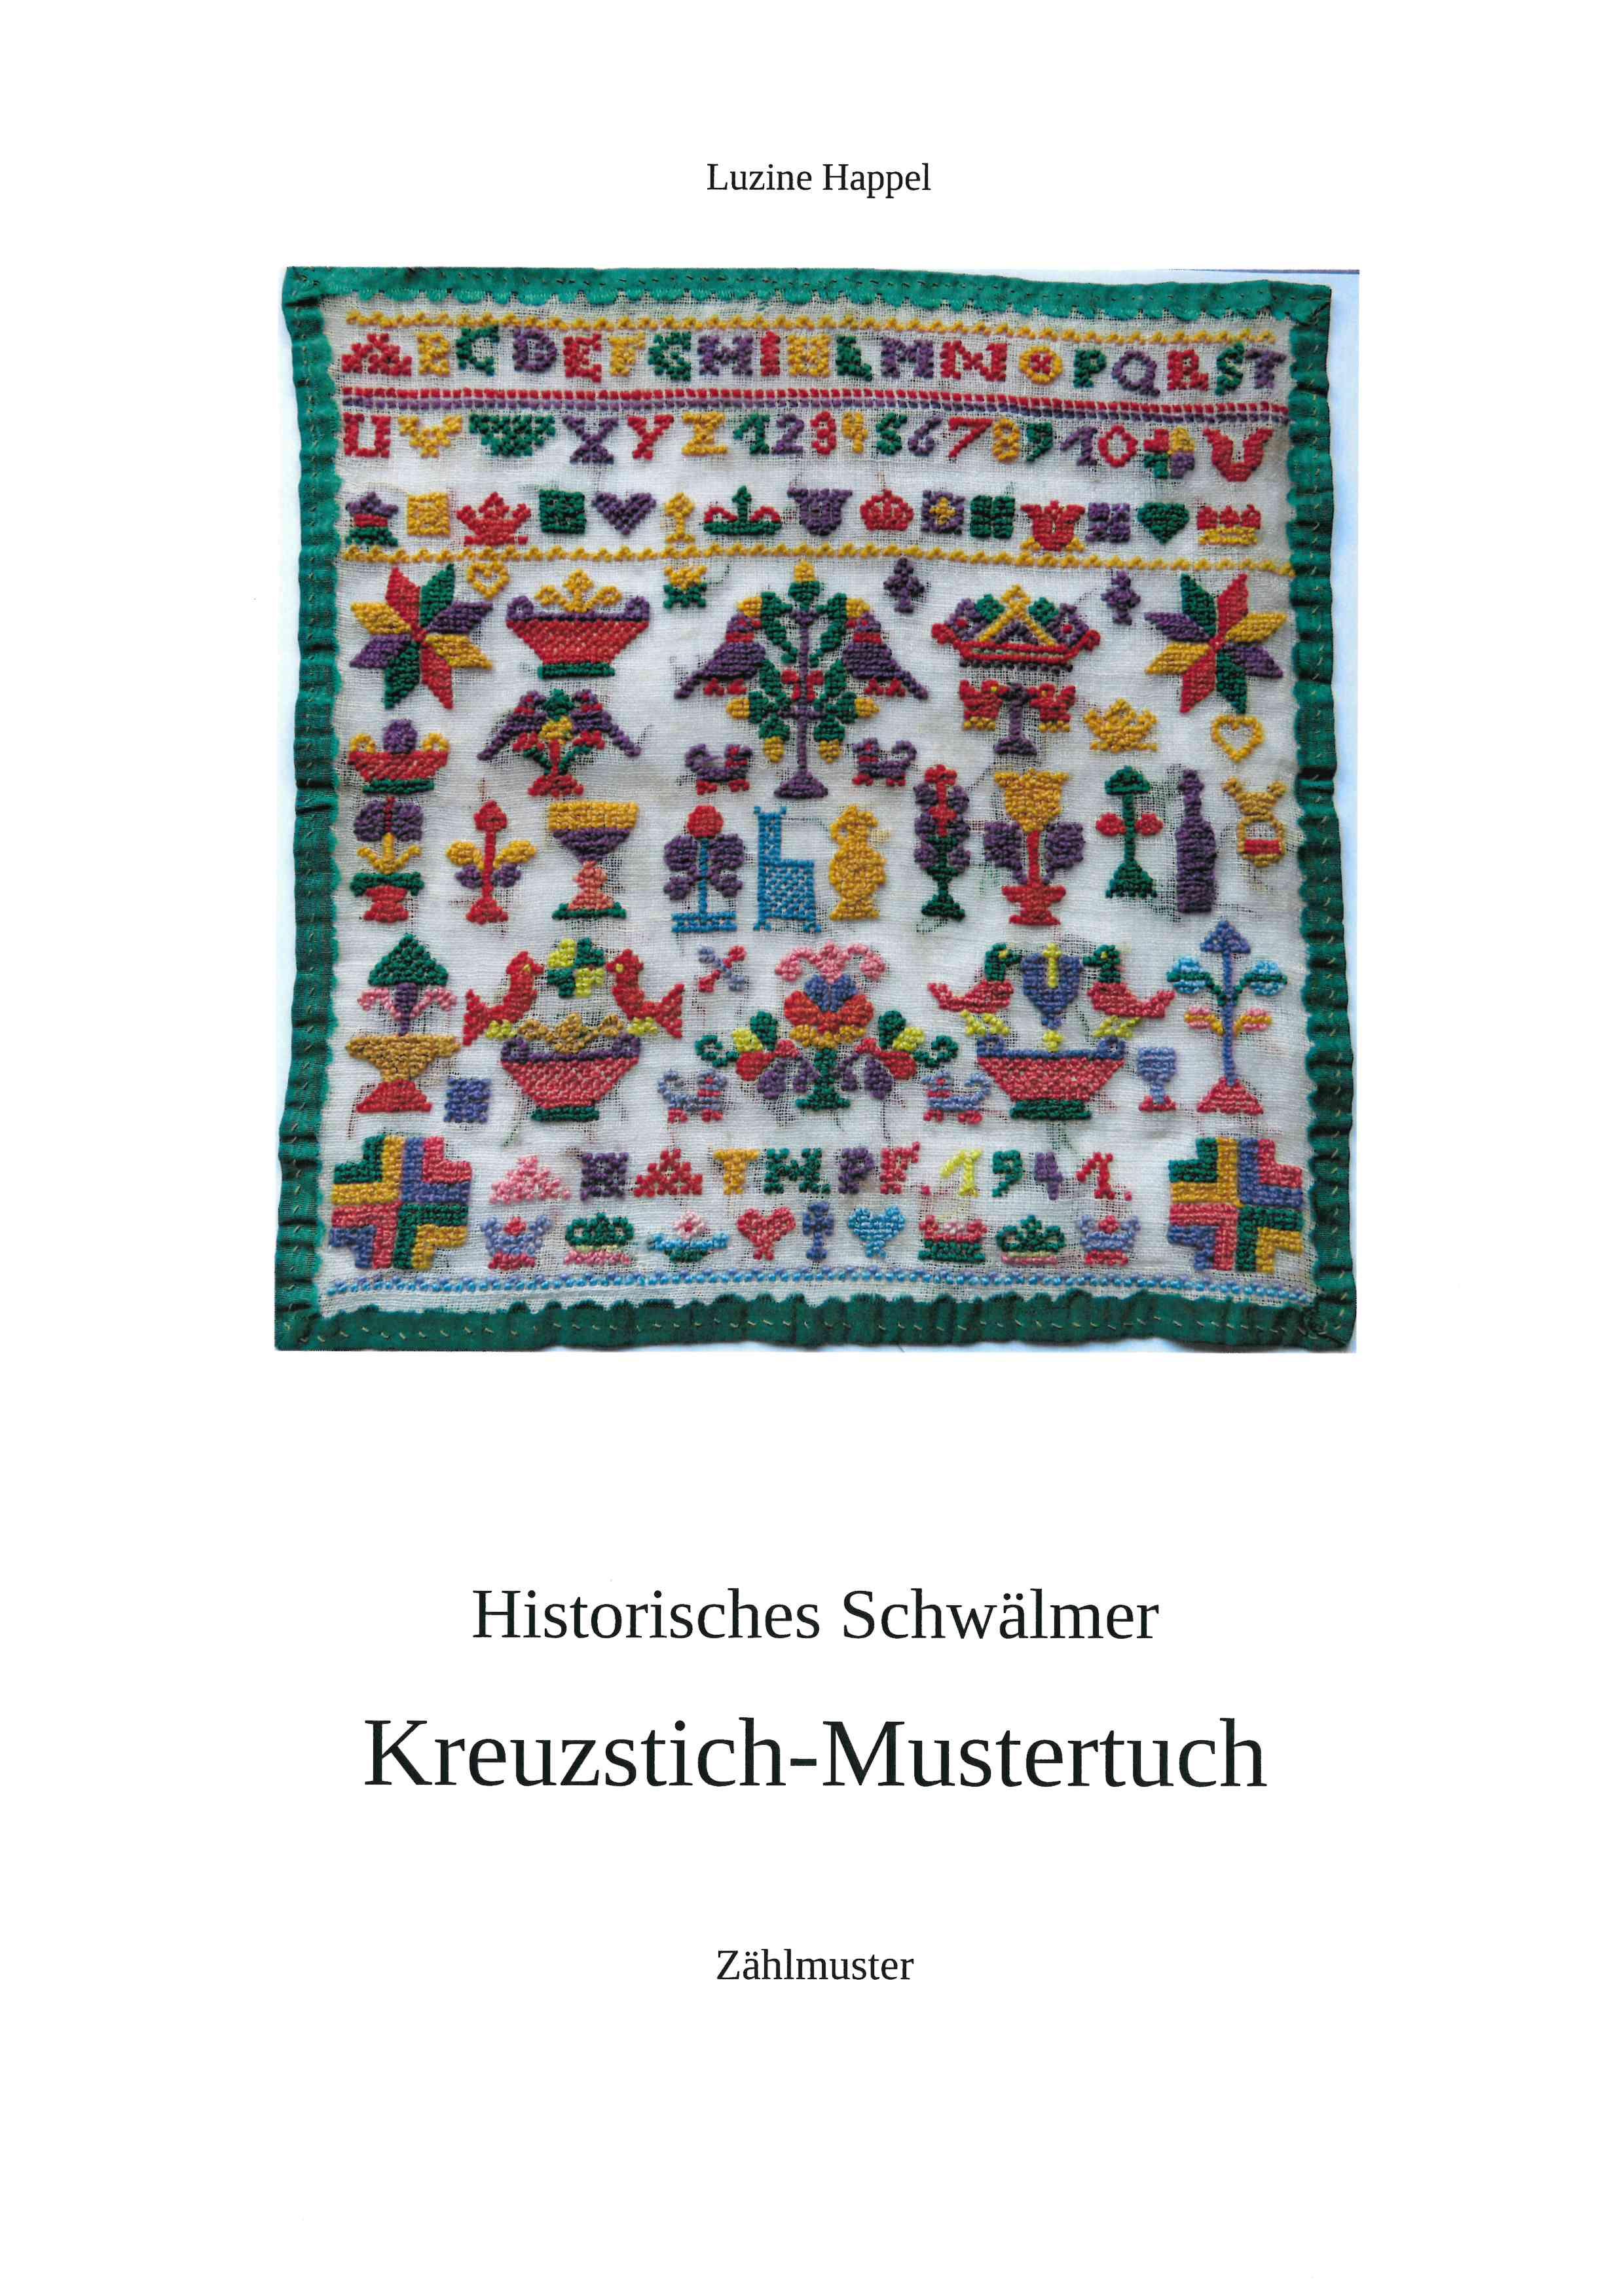 Historisches Schwälmer Kreuzstich-Mustertuch